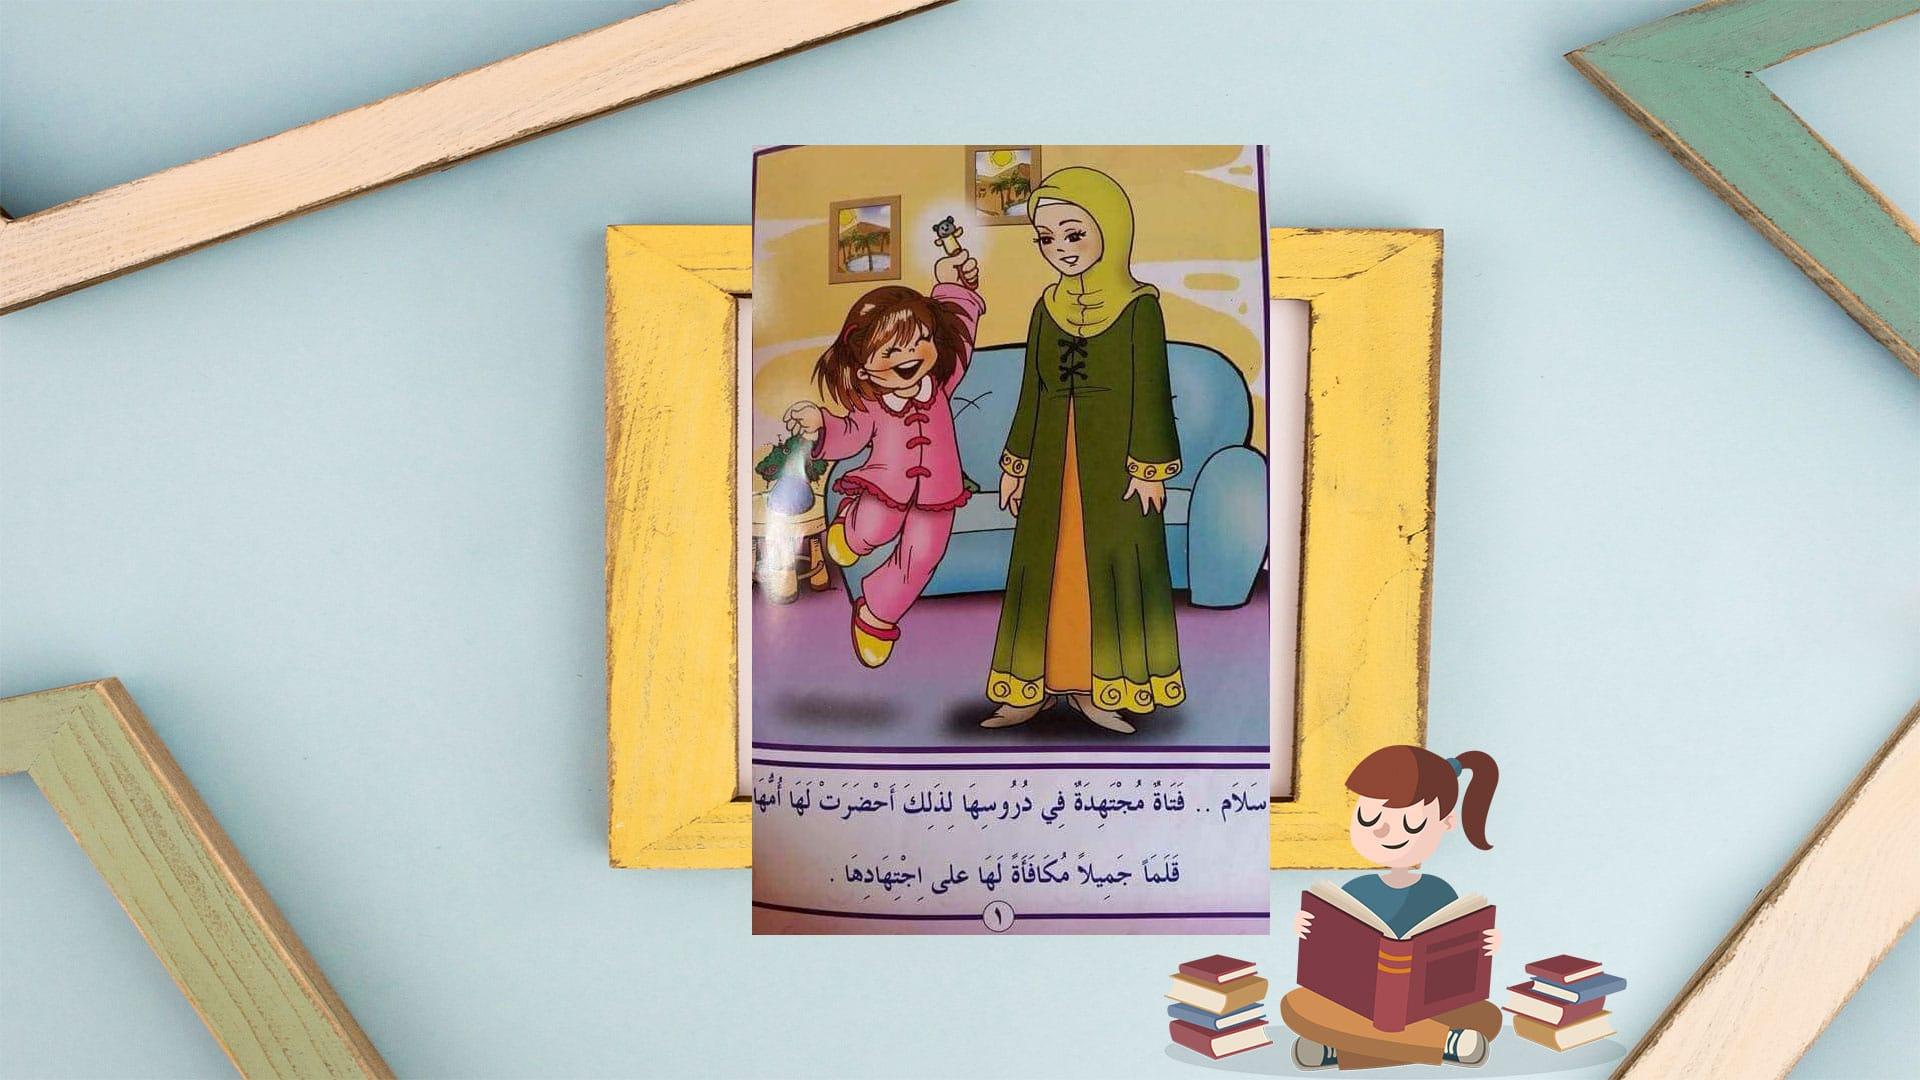 قصة عن أهمية حسن الظن بالآخرين من راويتي تروي قصة